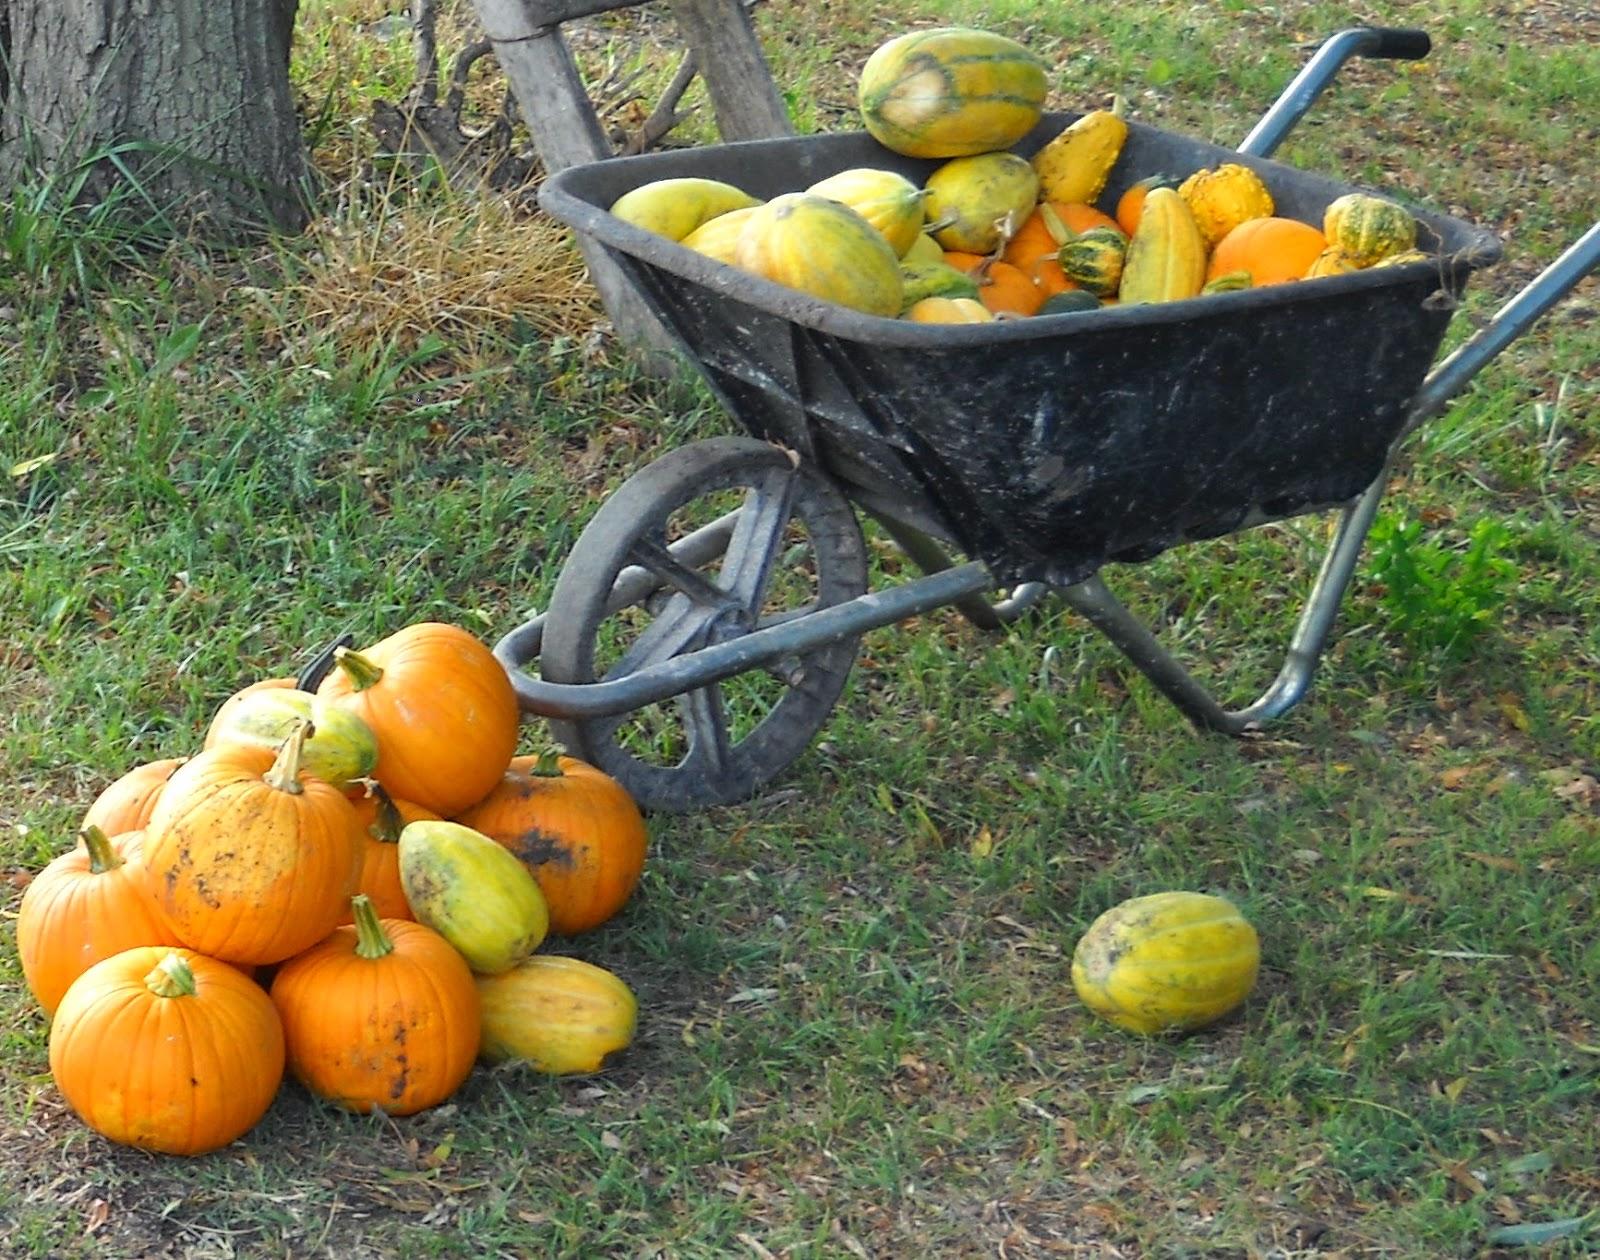 Cultivo de zapallos, calabazas y ornamentales. Calabaza Halloween.